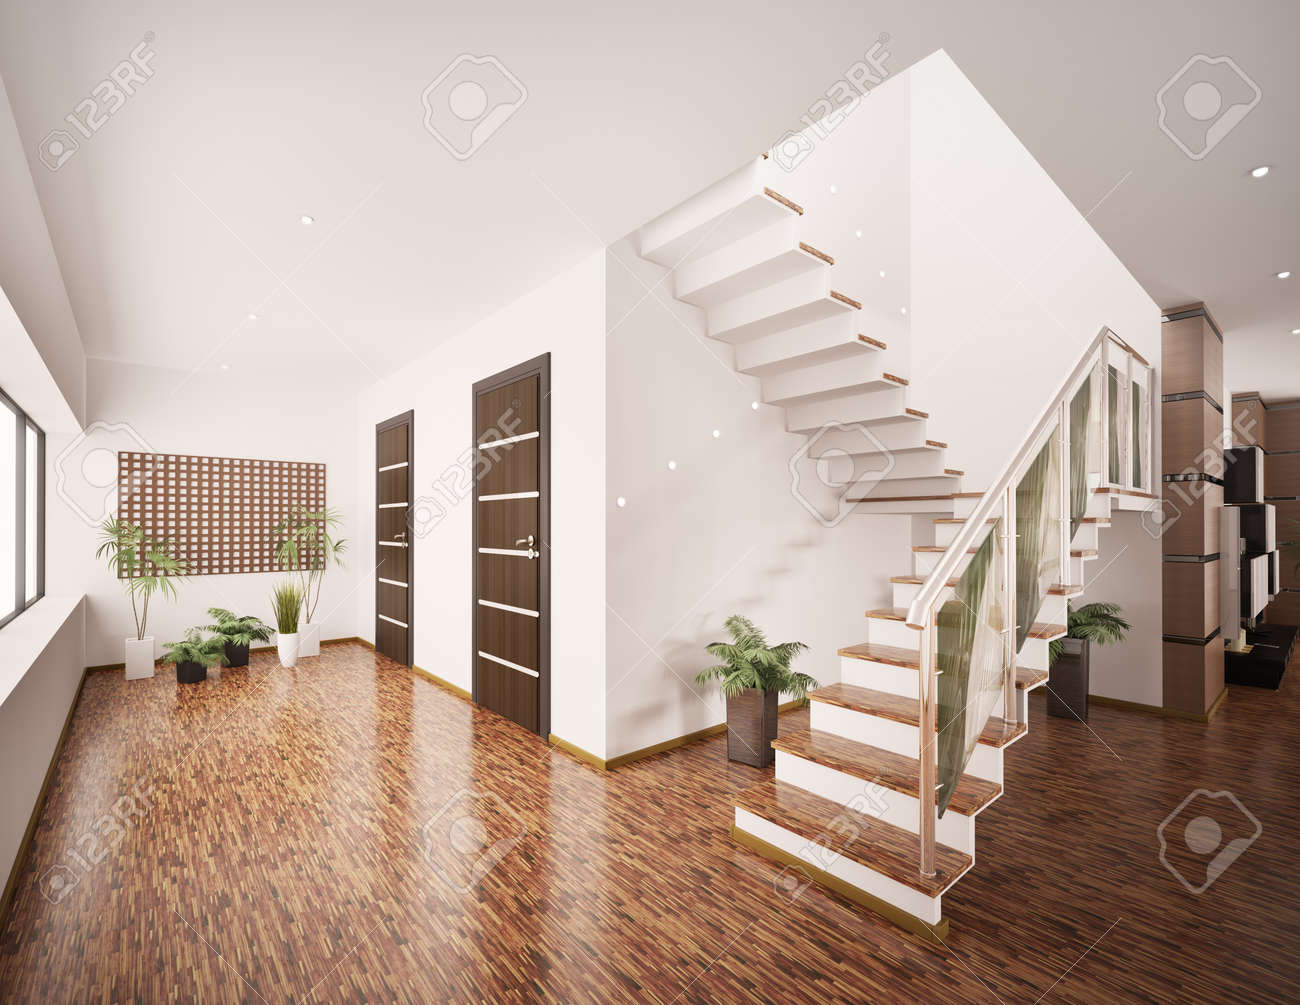 Intérieur du hall d\'entrée avec escalier moderne, rendu 3d